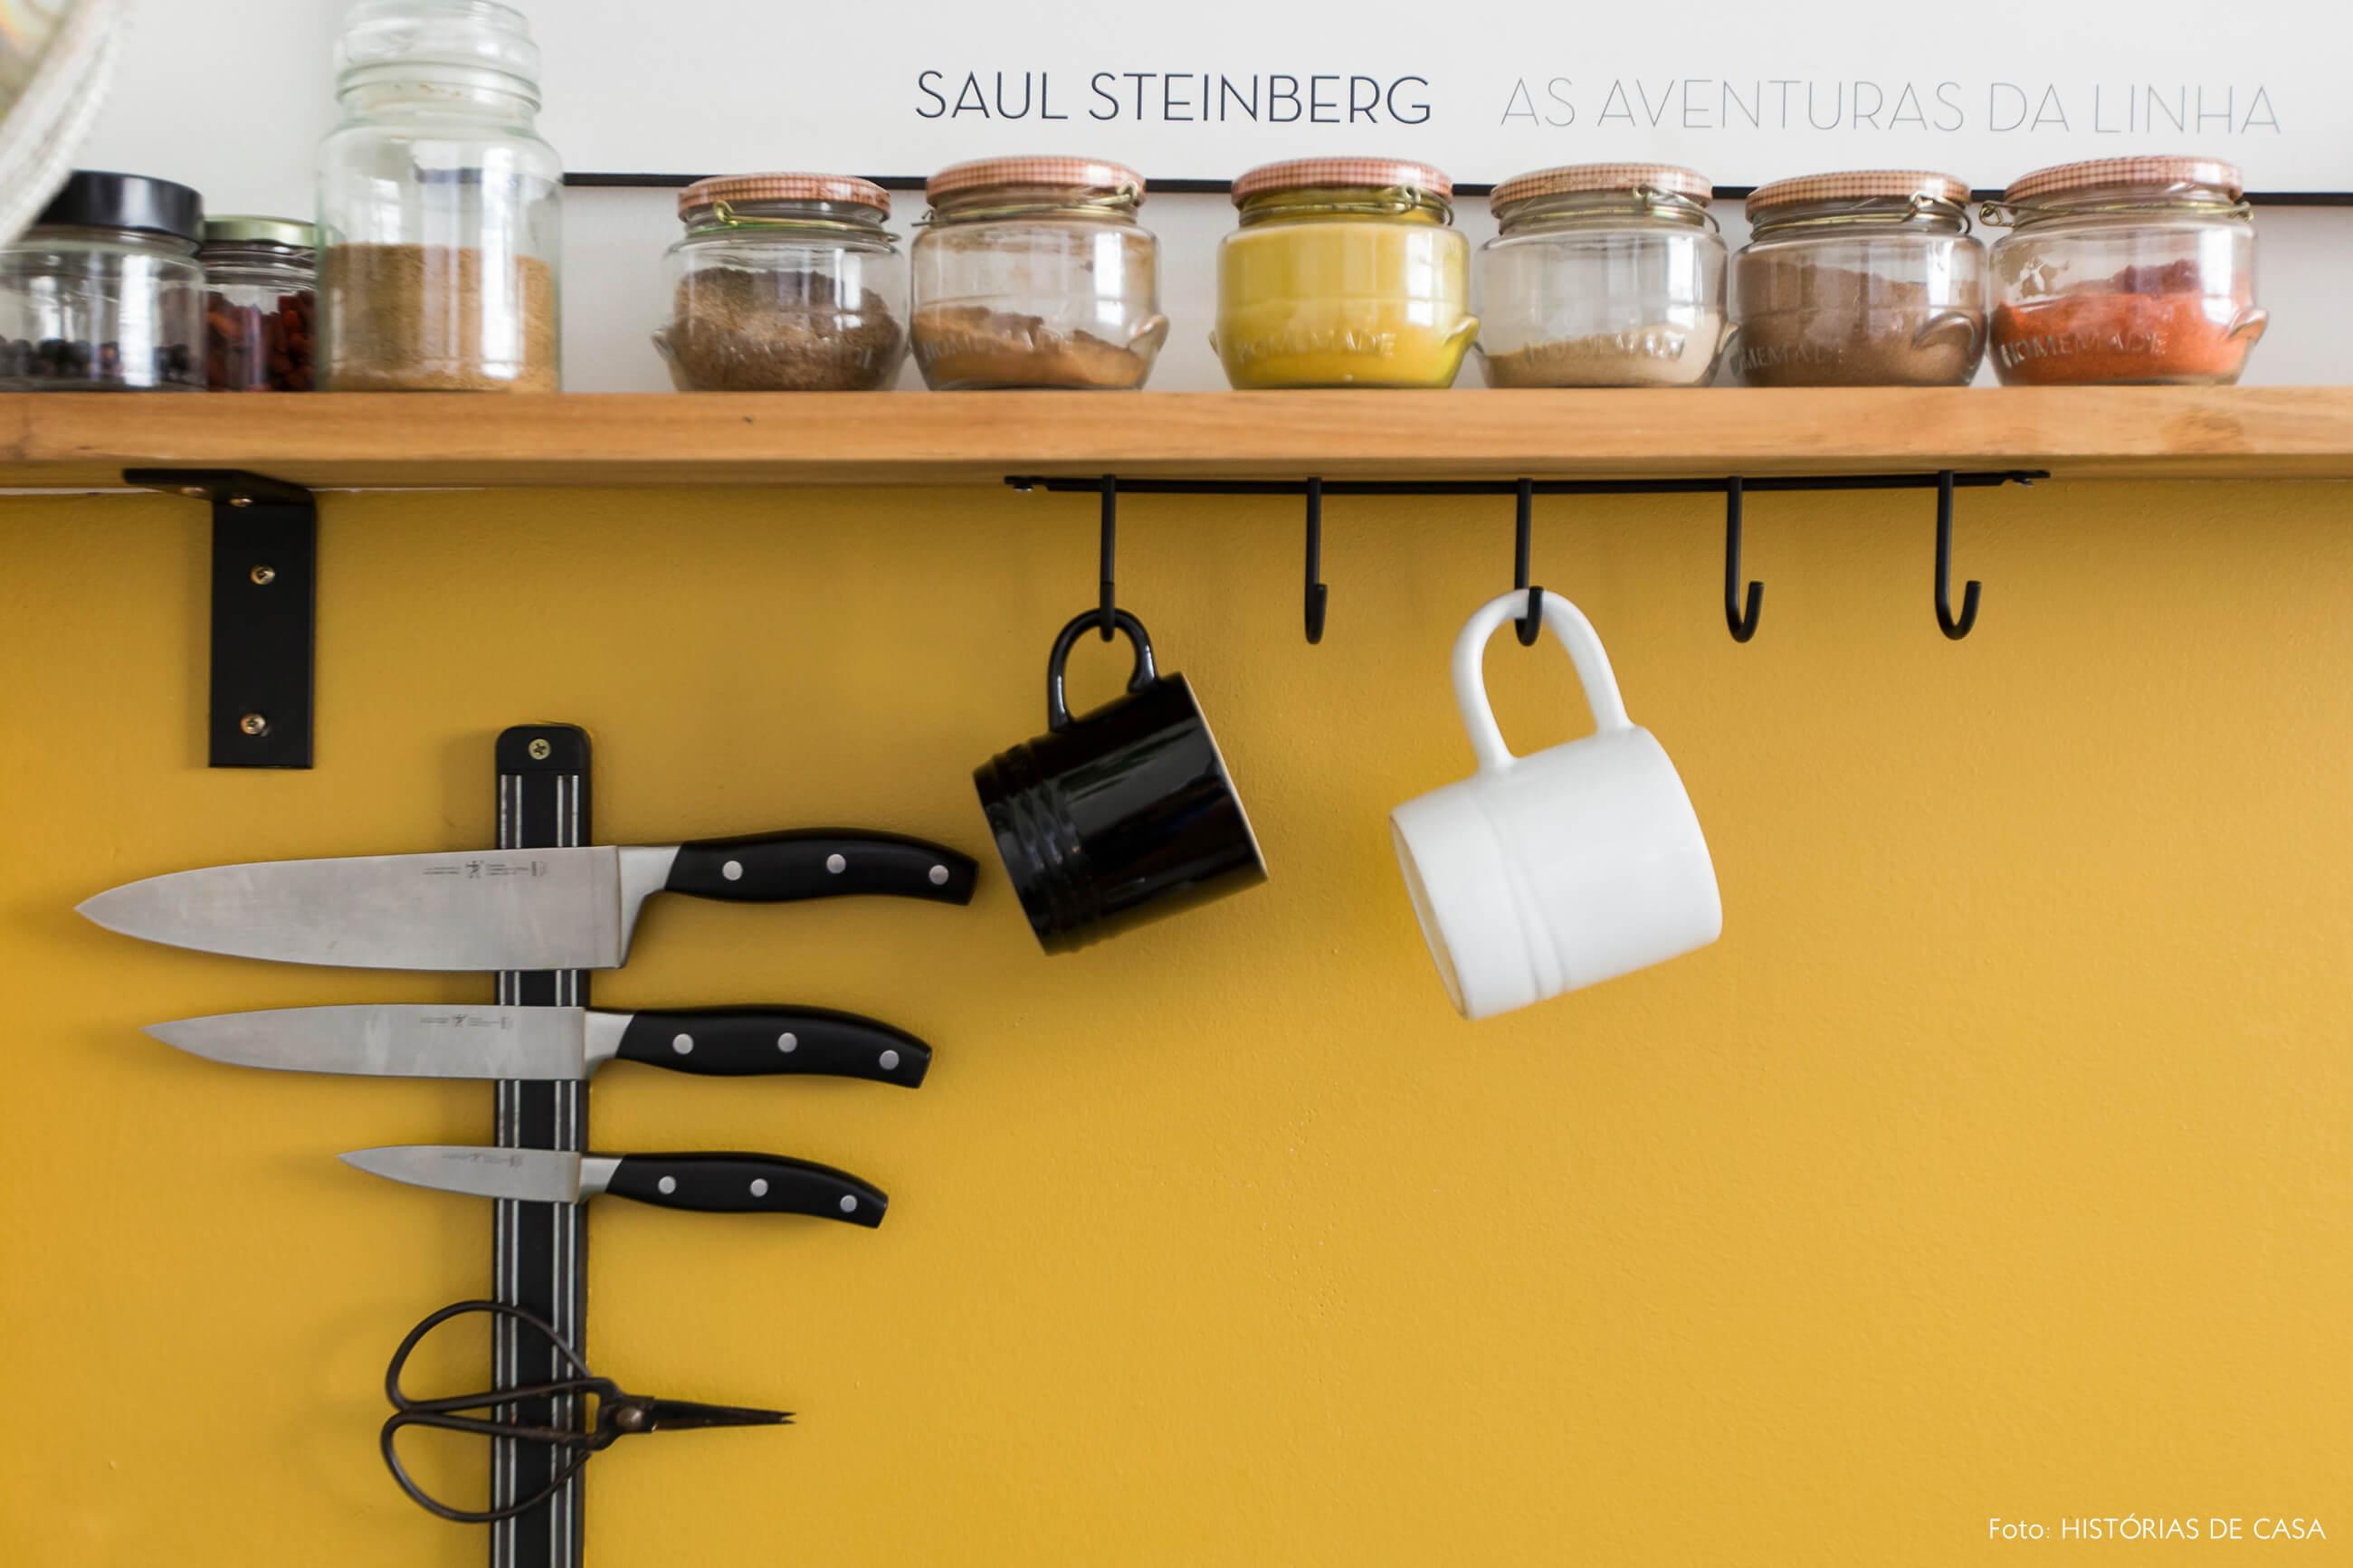 Apê alugado com cozinha de ar industrial, suporte de facas na parede